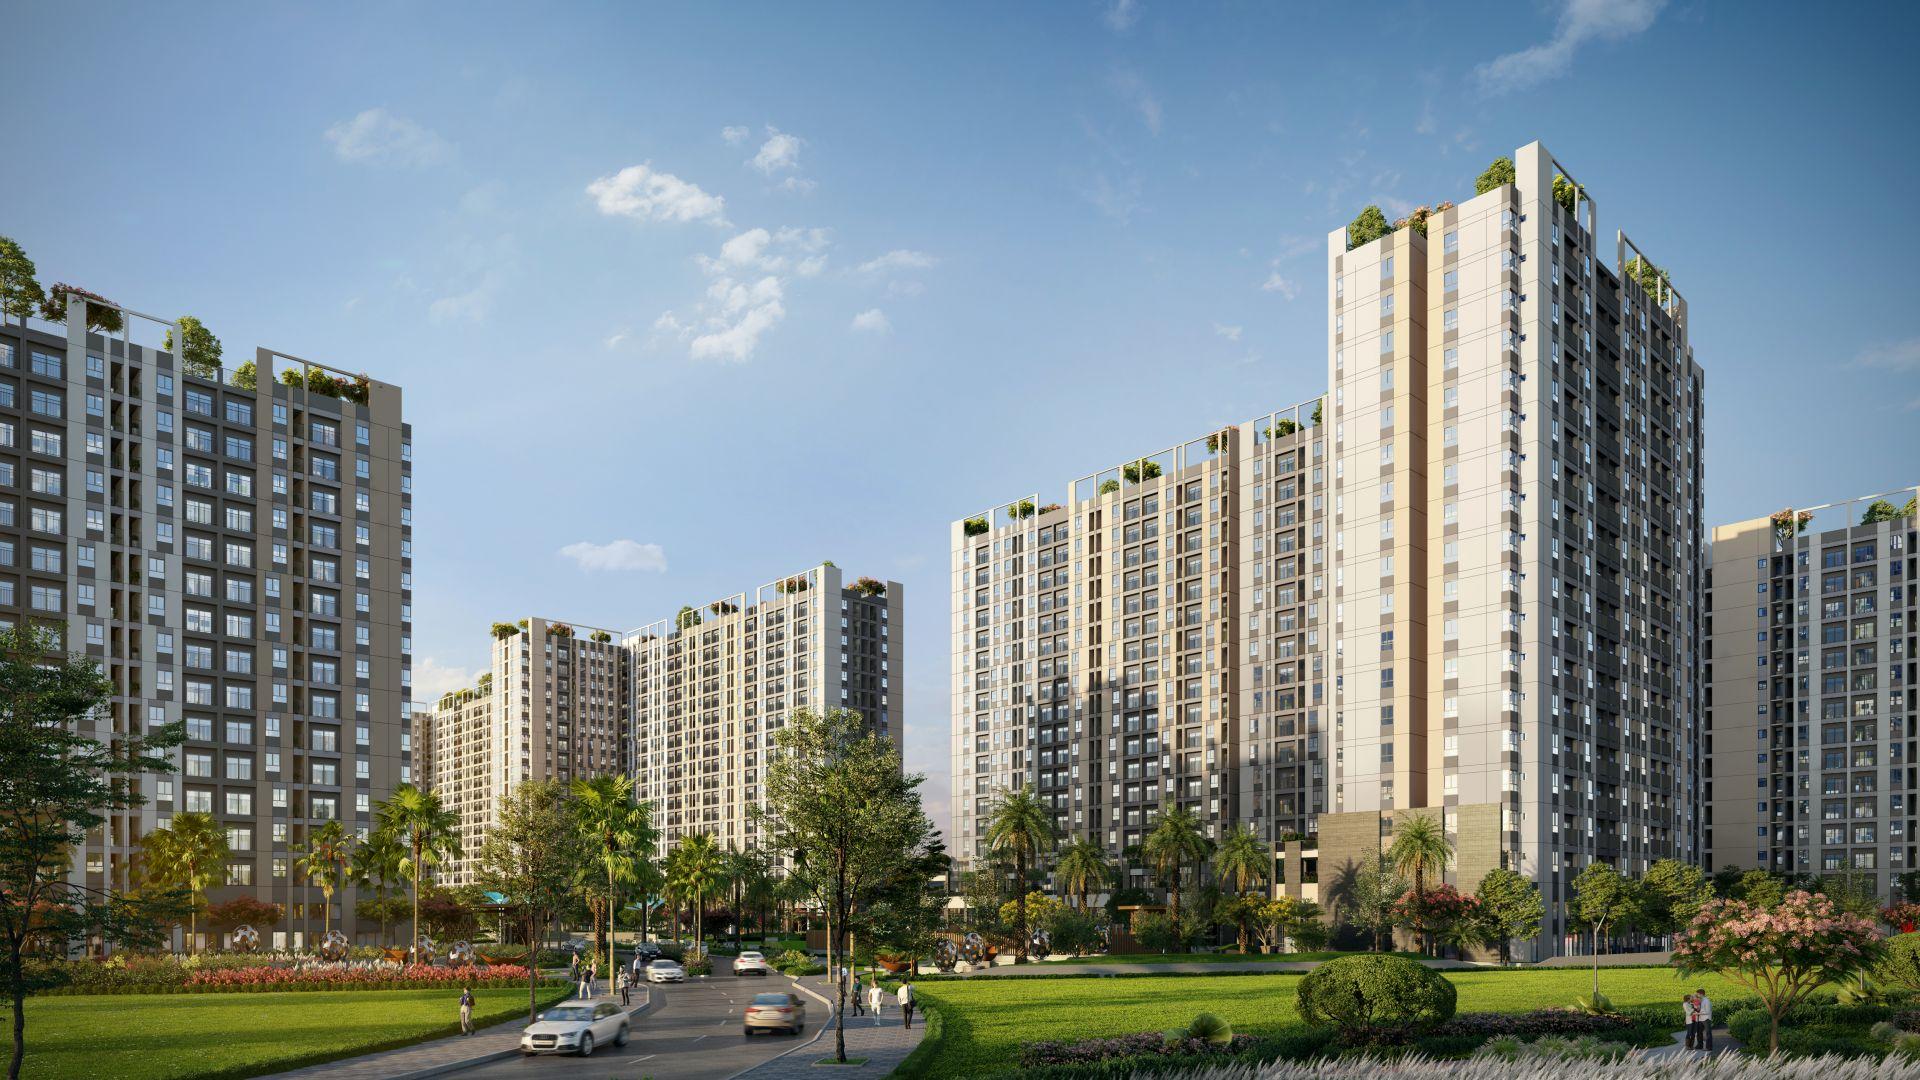 Mua nhà ở thực giữa mùa dịch, căn hộ trên dưới 2 tỷ đồng được quan tâm